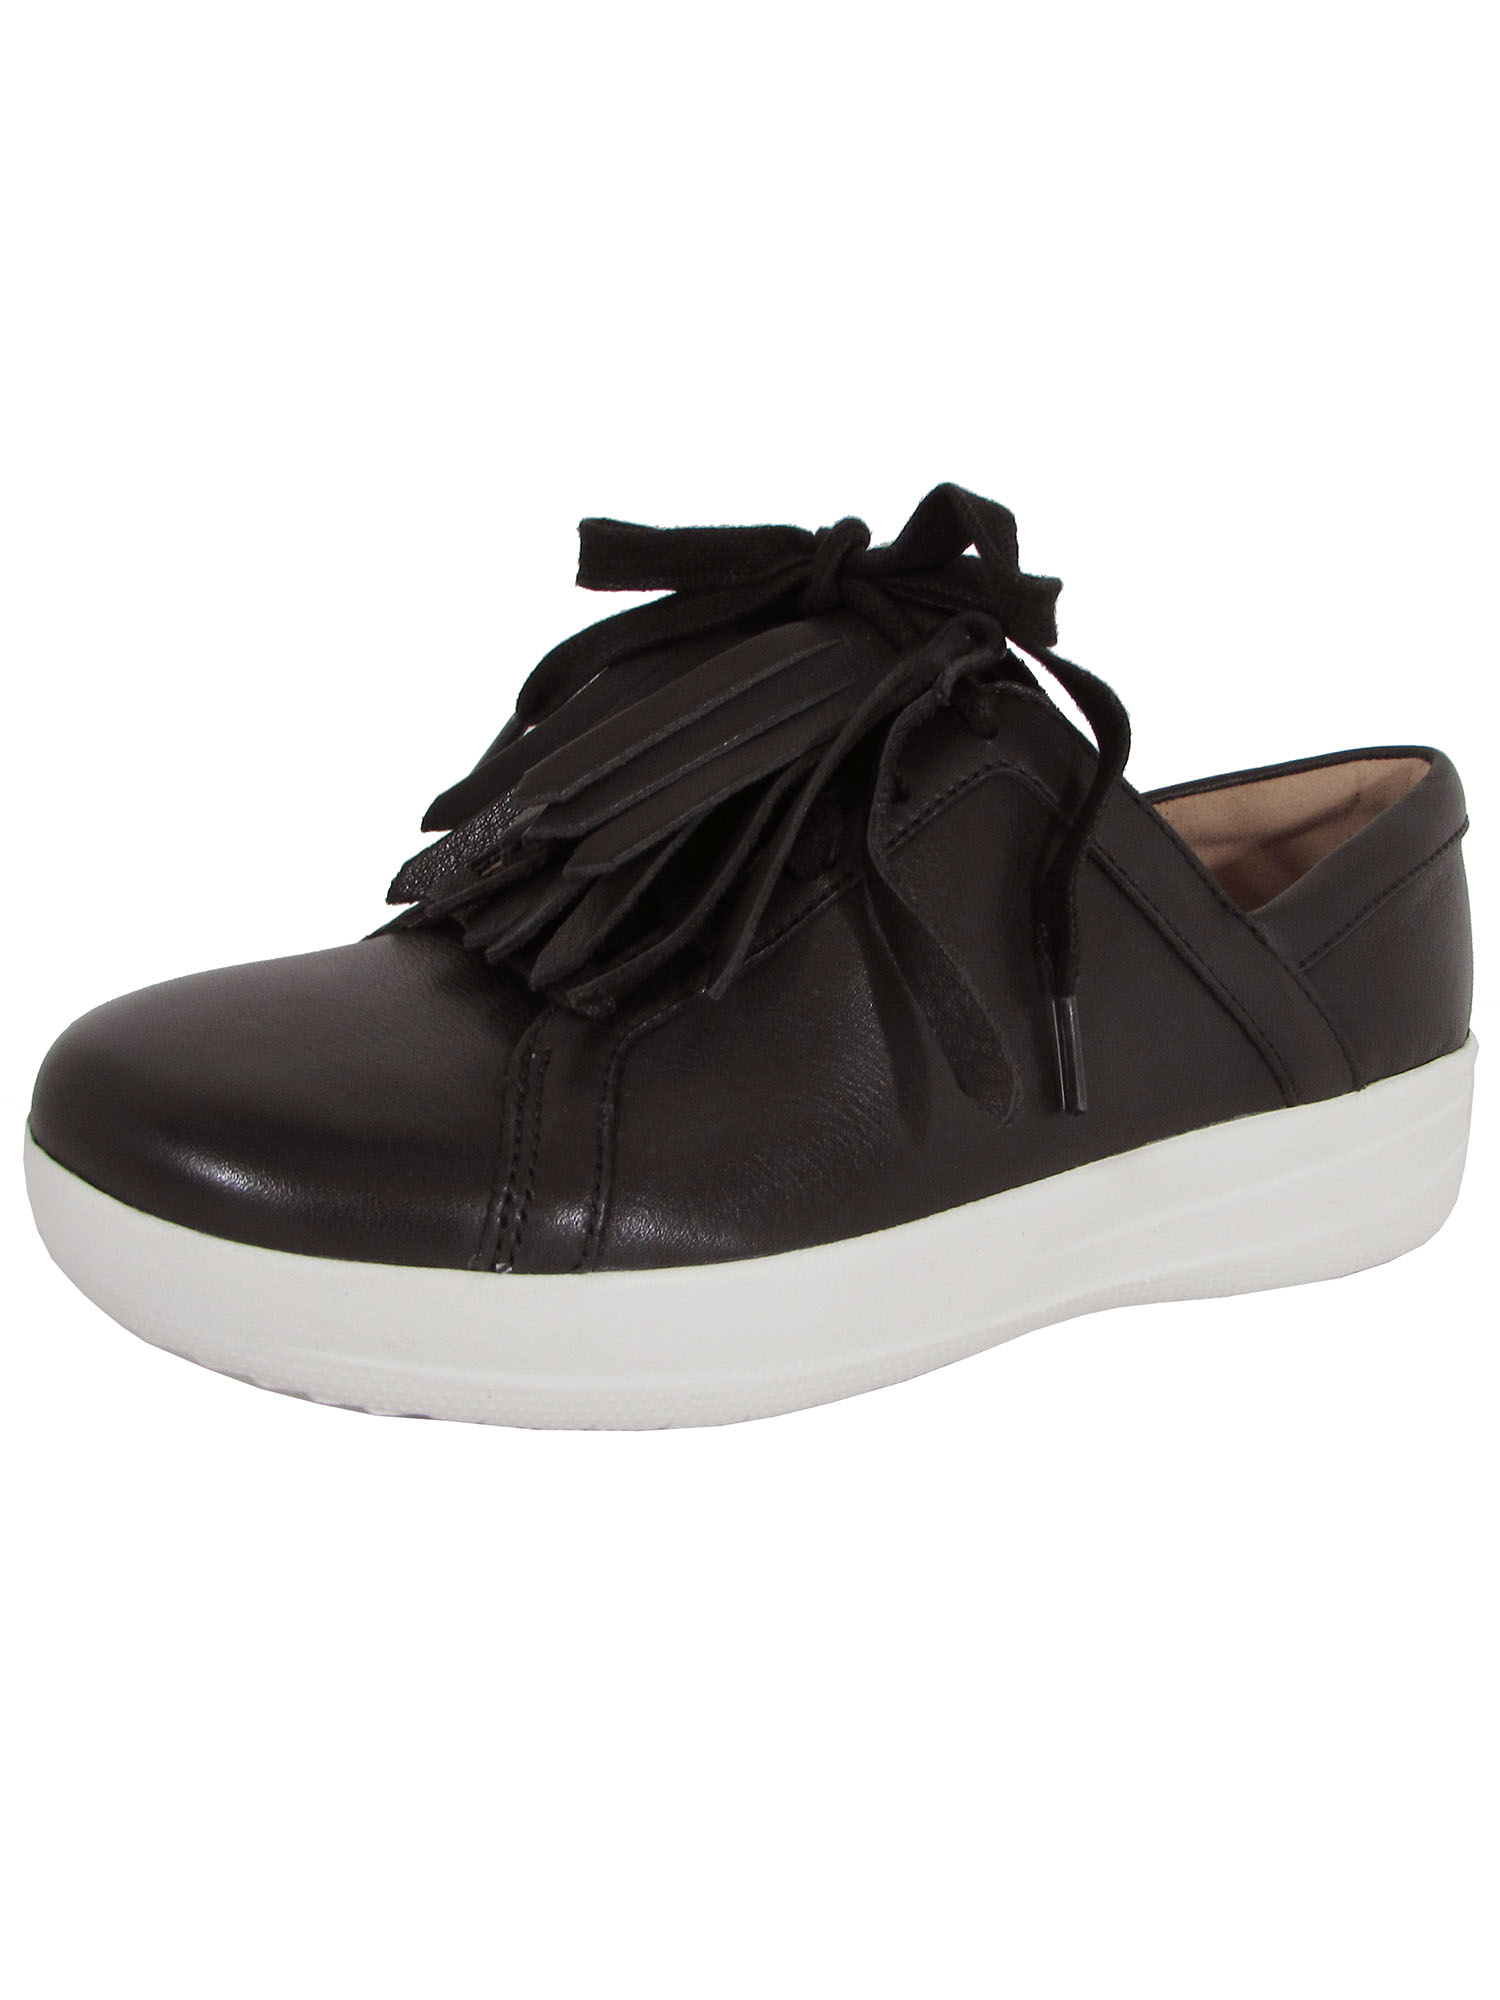 FitFlop Mujer F-Deportivo II Zapatillas Zapatos Con Cordones Cordones Con flecos 0f55cd